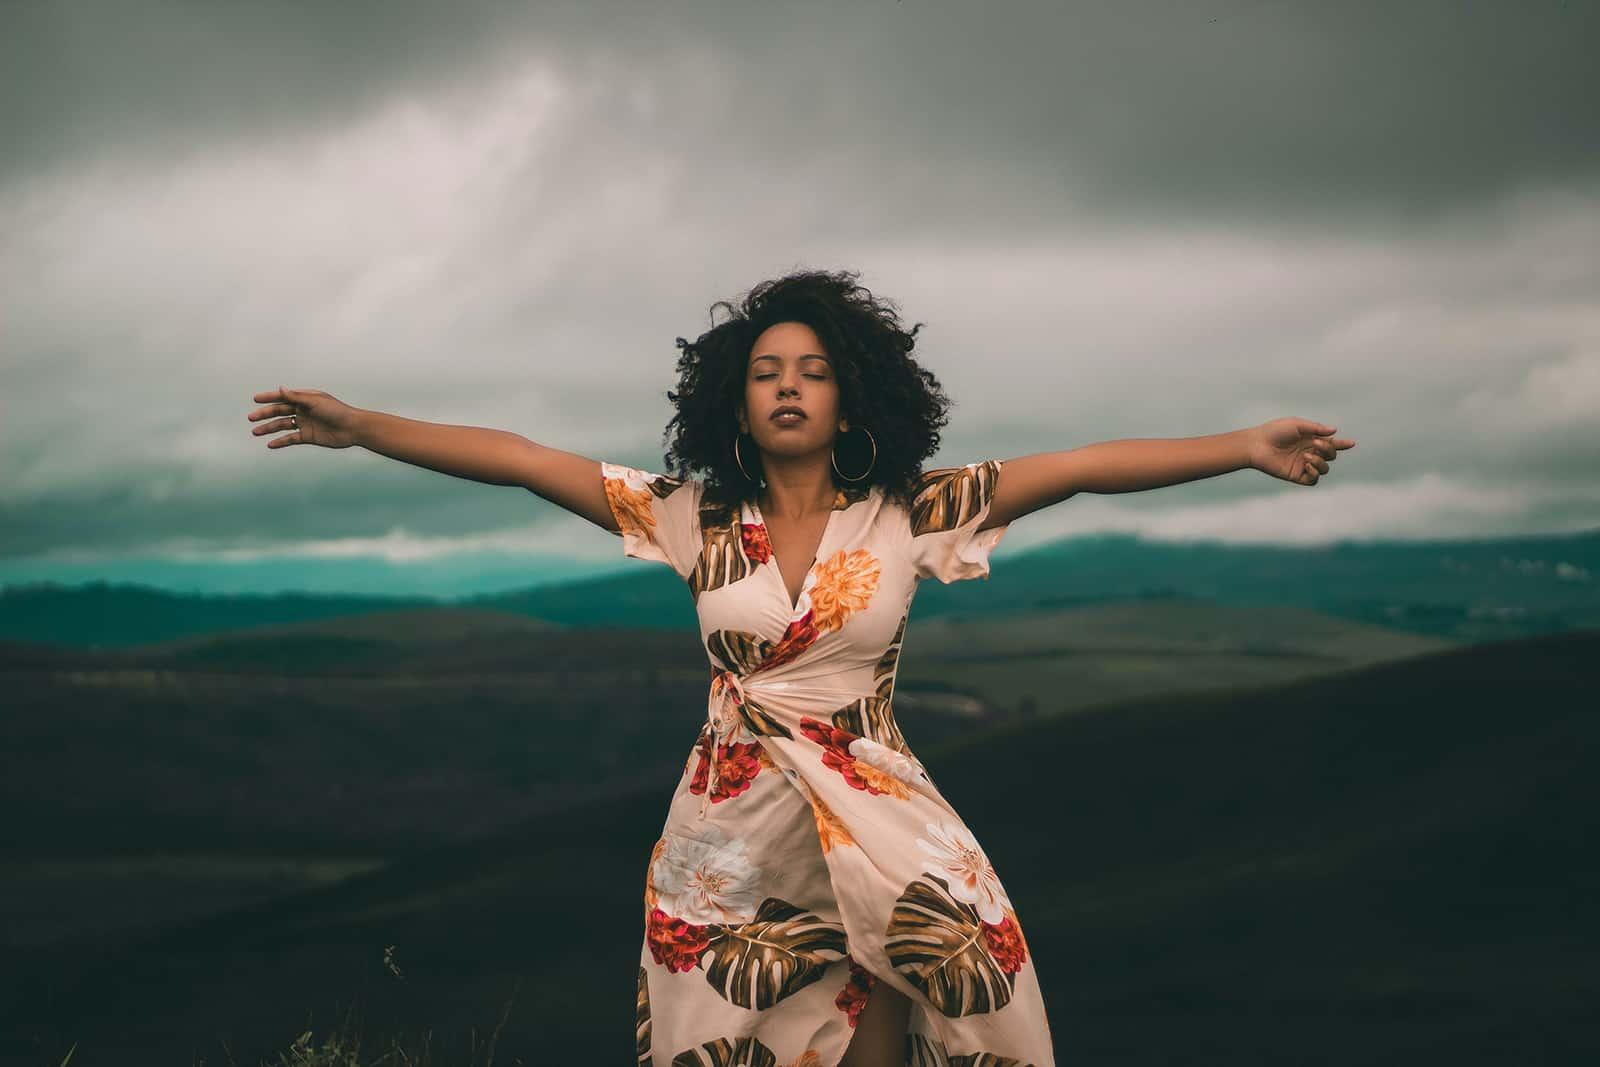 Eine Frau mit geschlossenen Augen stand im Wind auf dem Feld